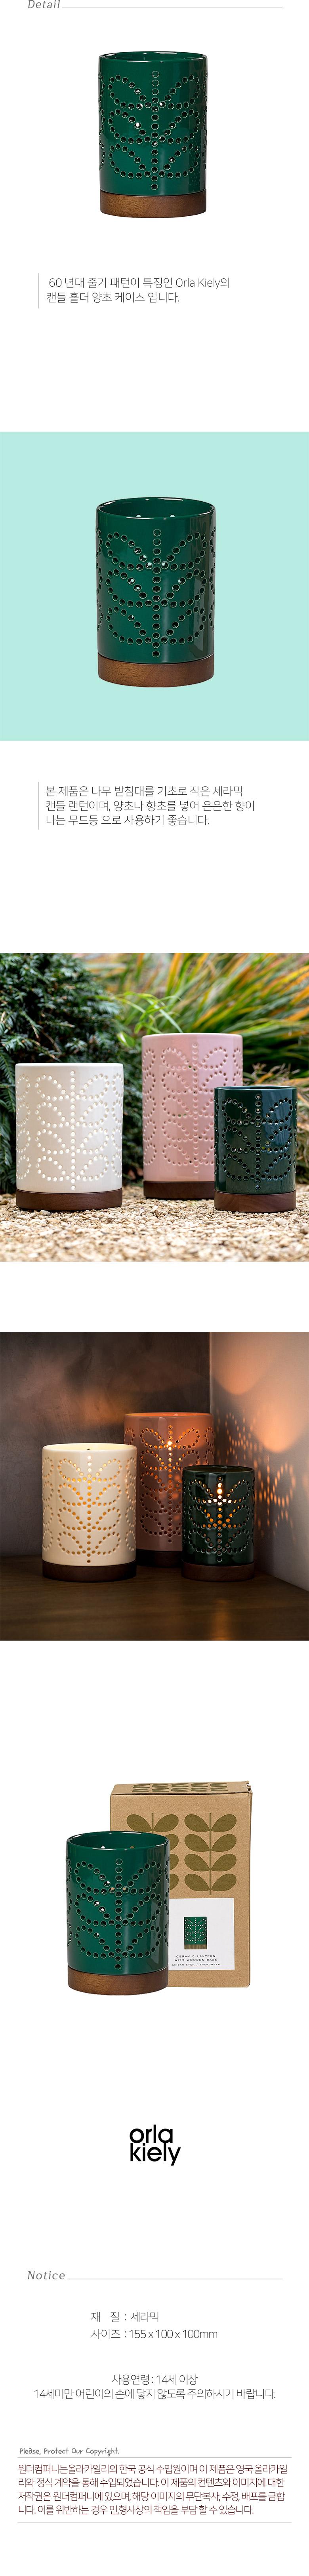 [올라카일리] 캔들 홀더 양초 케이스 스몰 그린 - 원더스토어, 59,000원, 캔들용품, 홀더/촛대